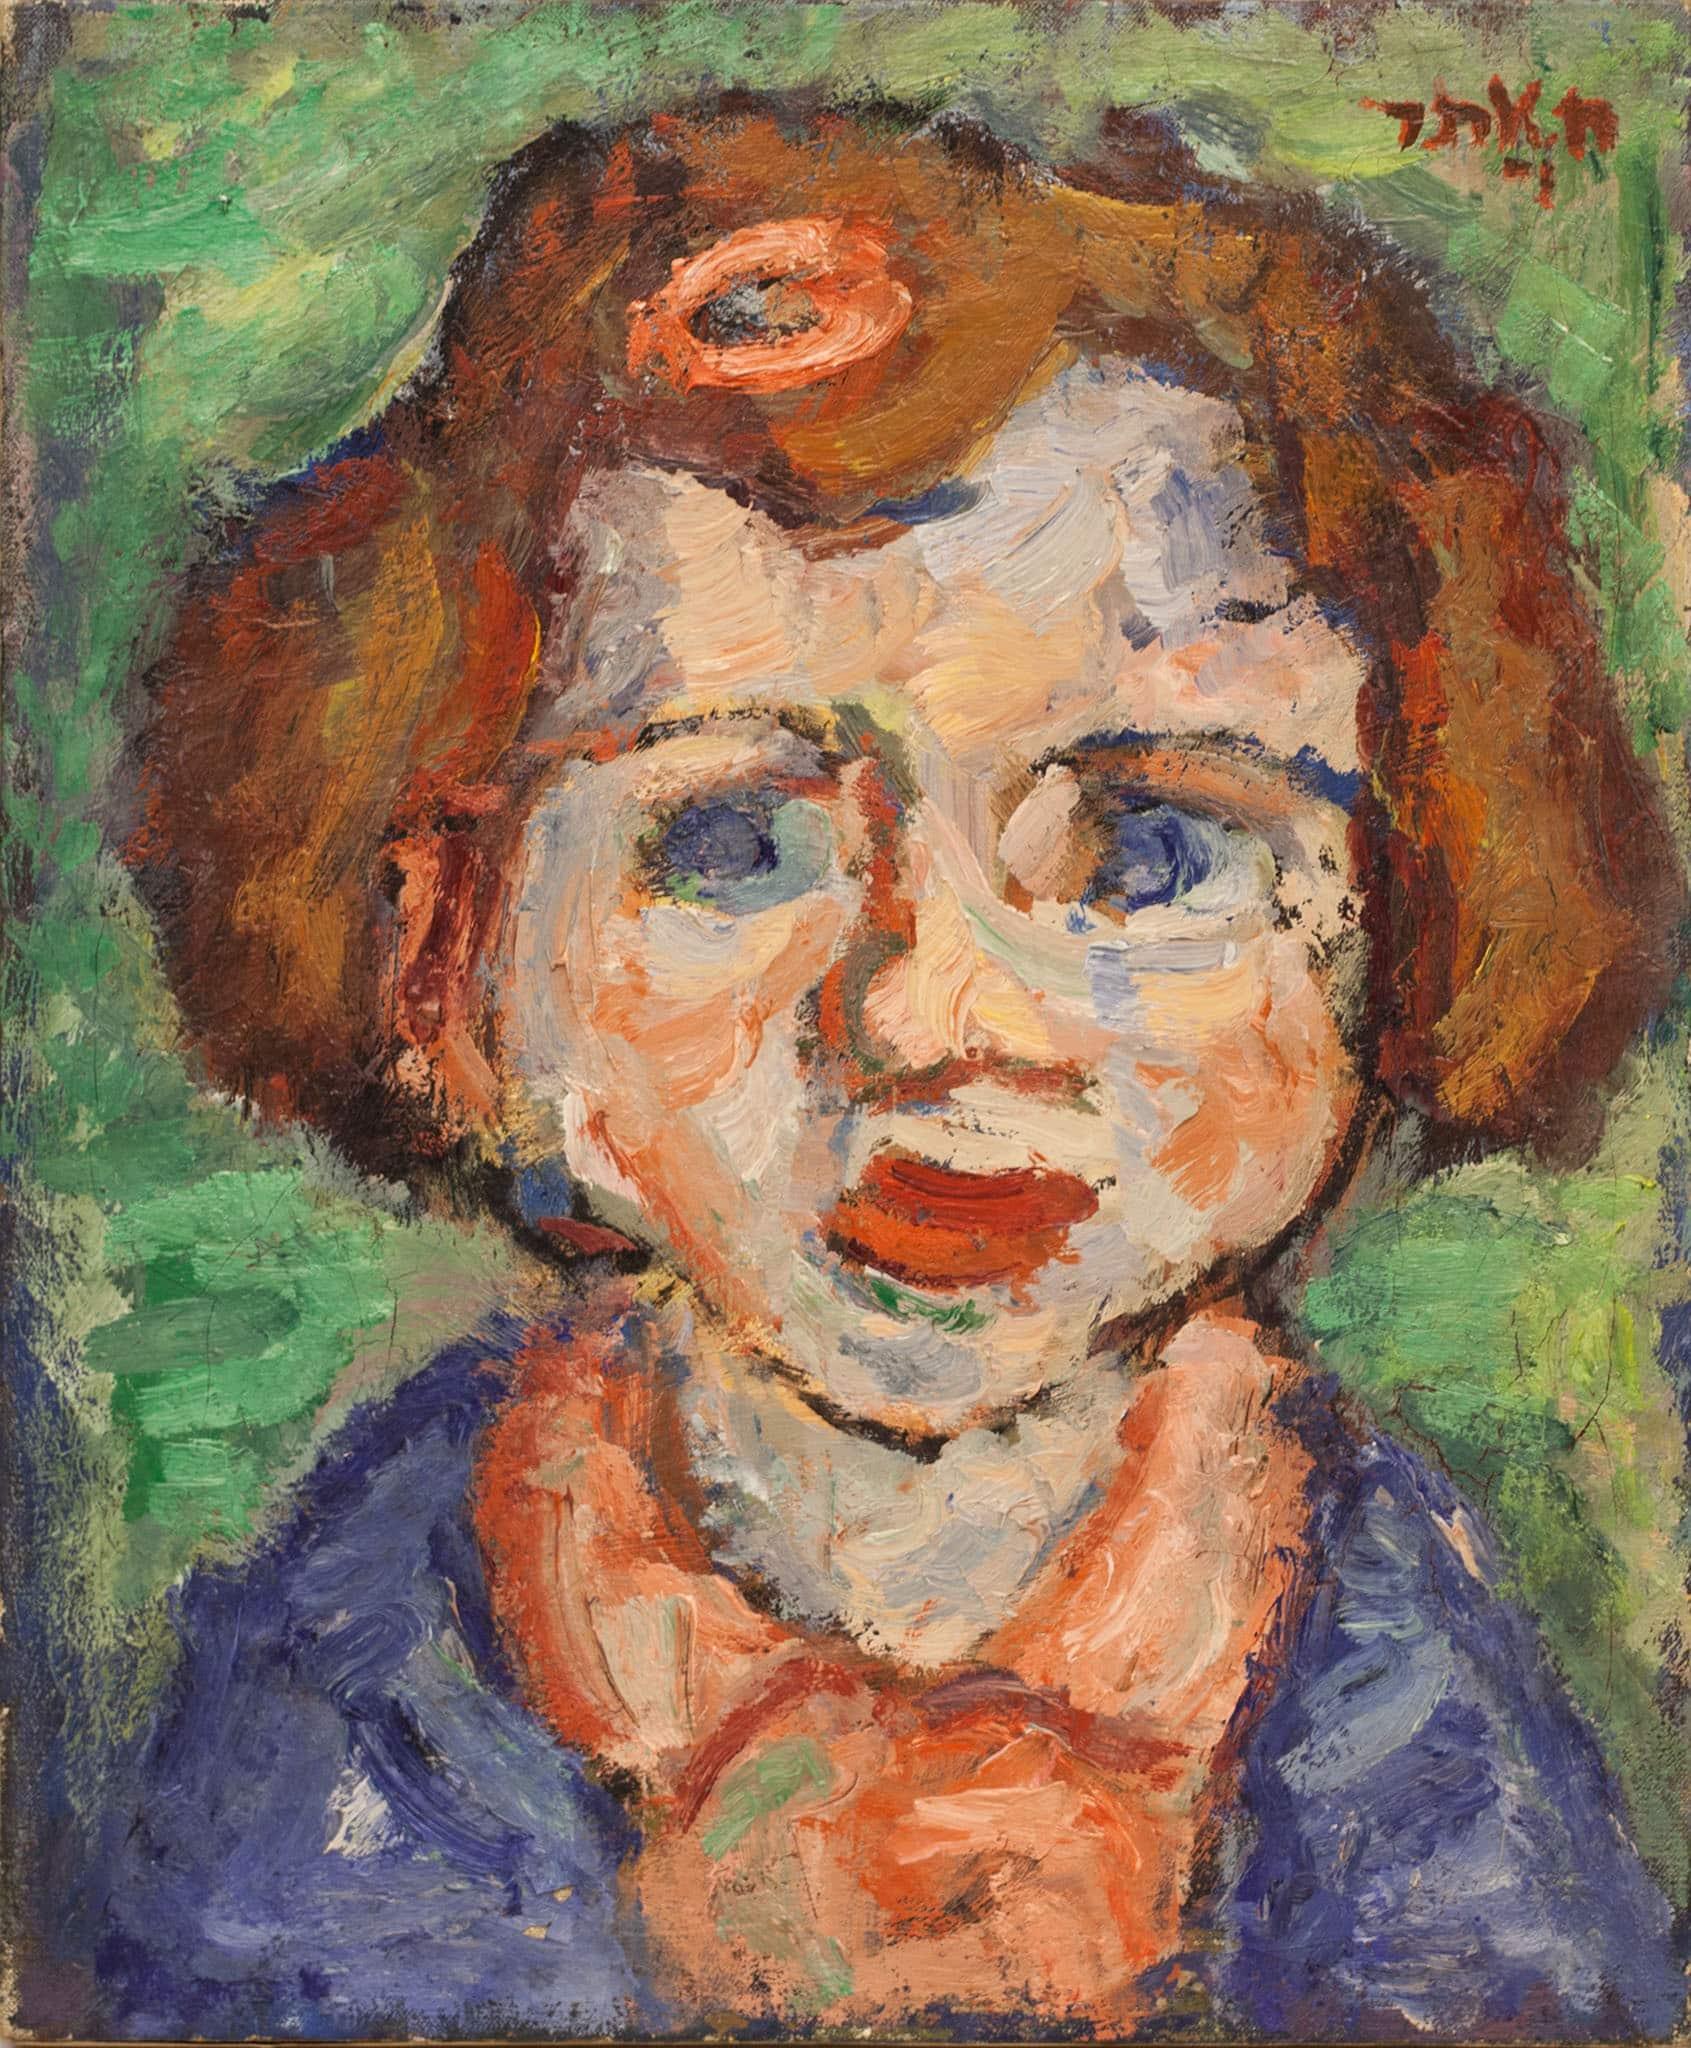 """חיים אתר, """"ילדה"""", 1951-2, שמן על בד, 38x46 ס""""מ"""